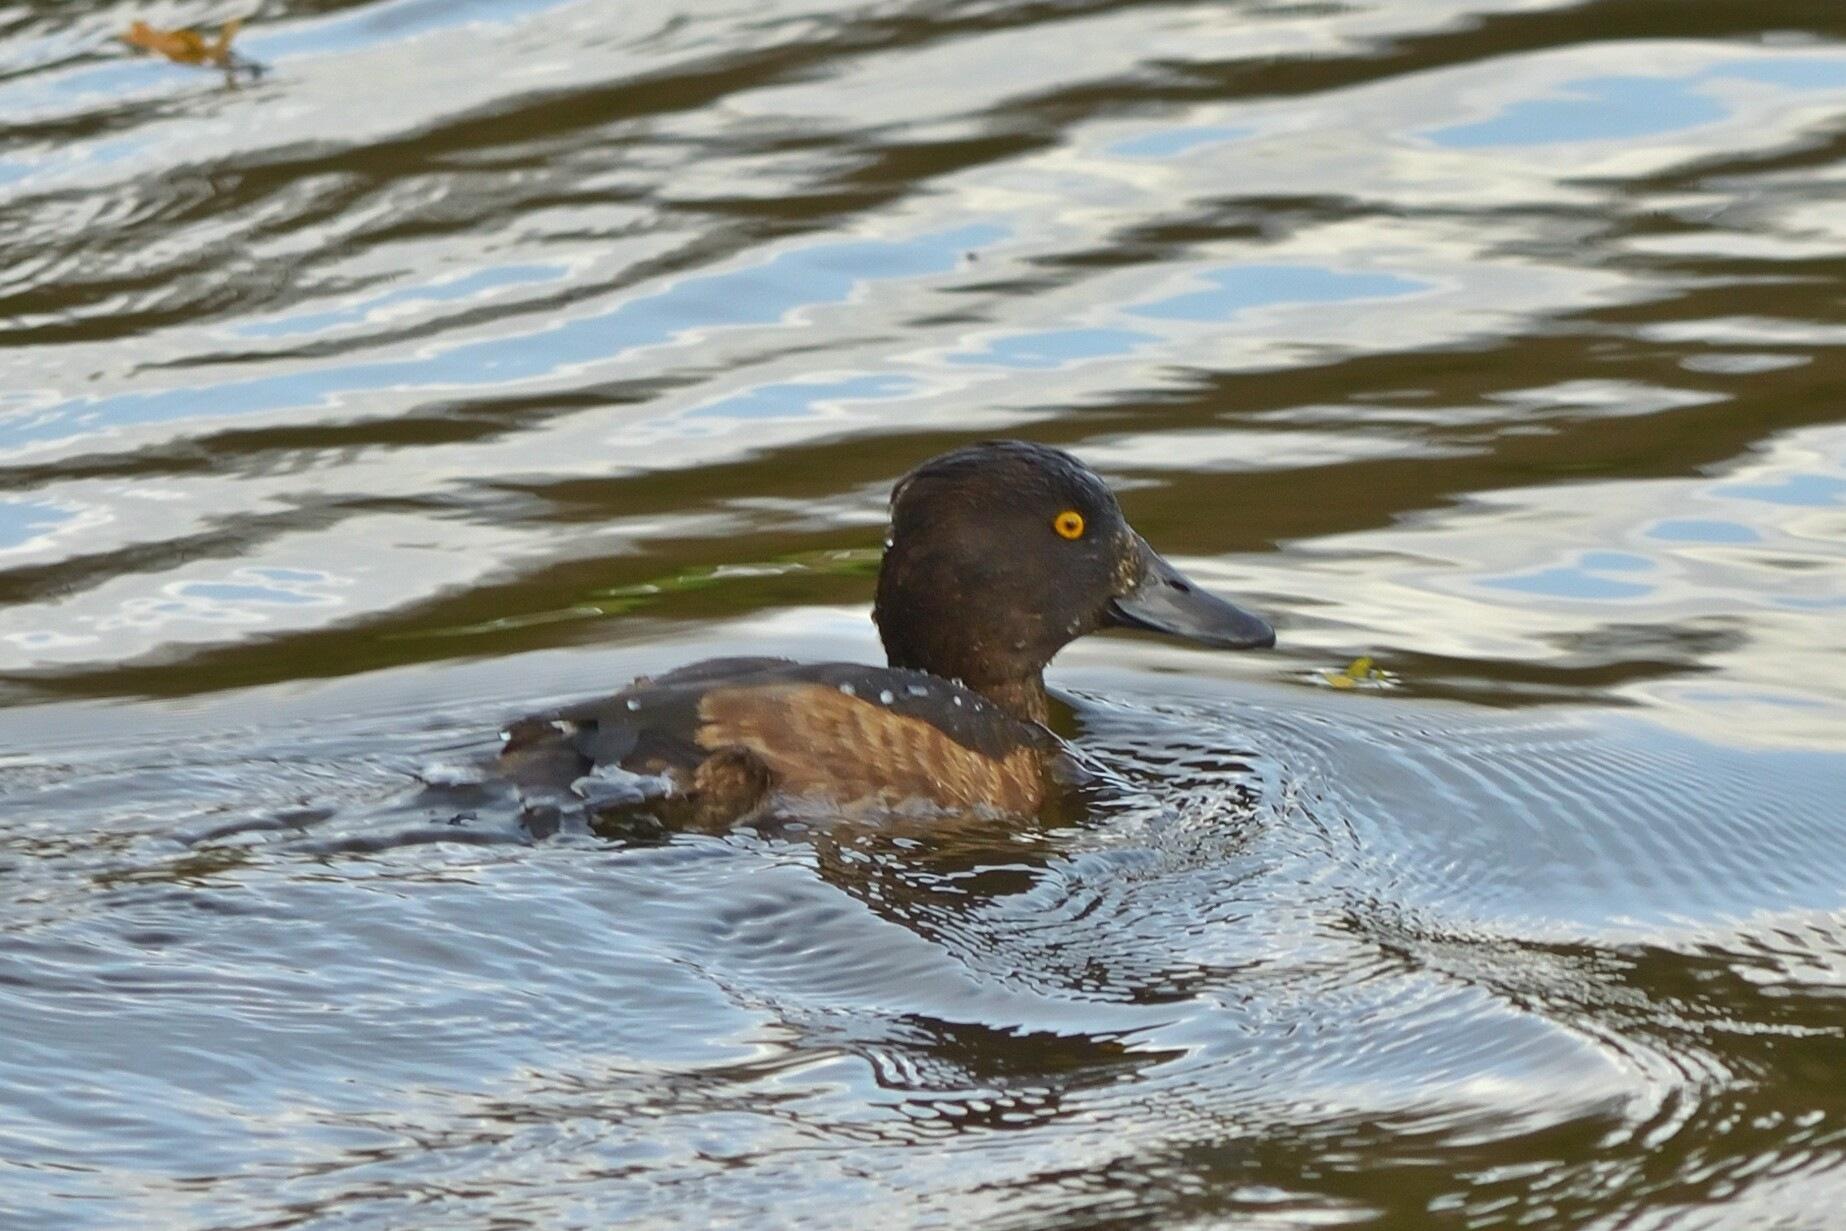 Kuifeend Tafted duck by Henk Meima